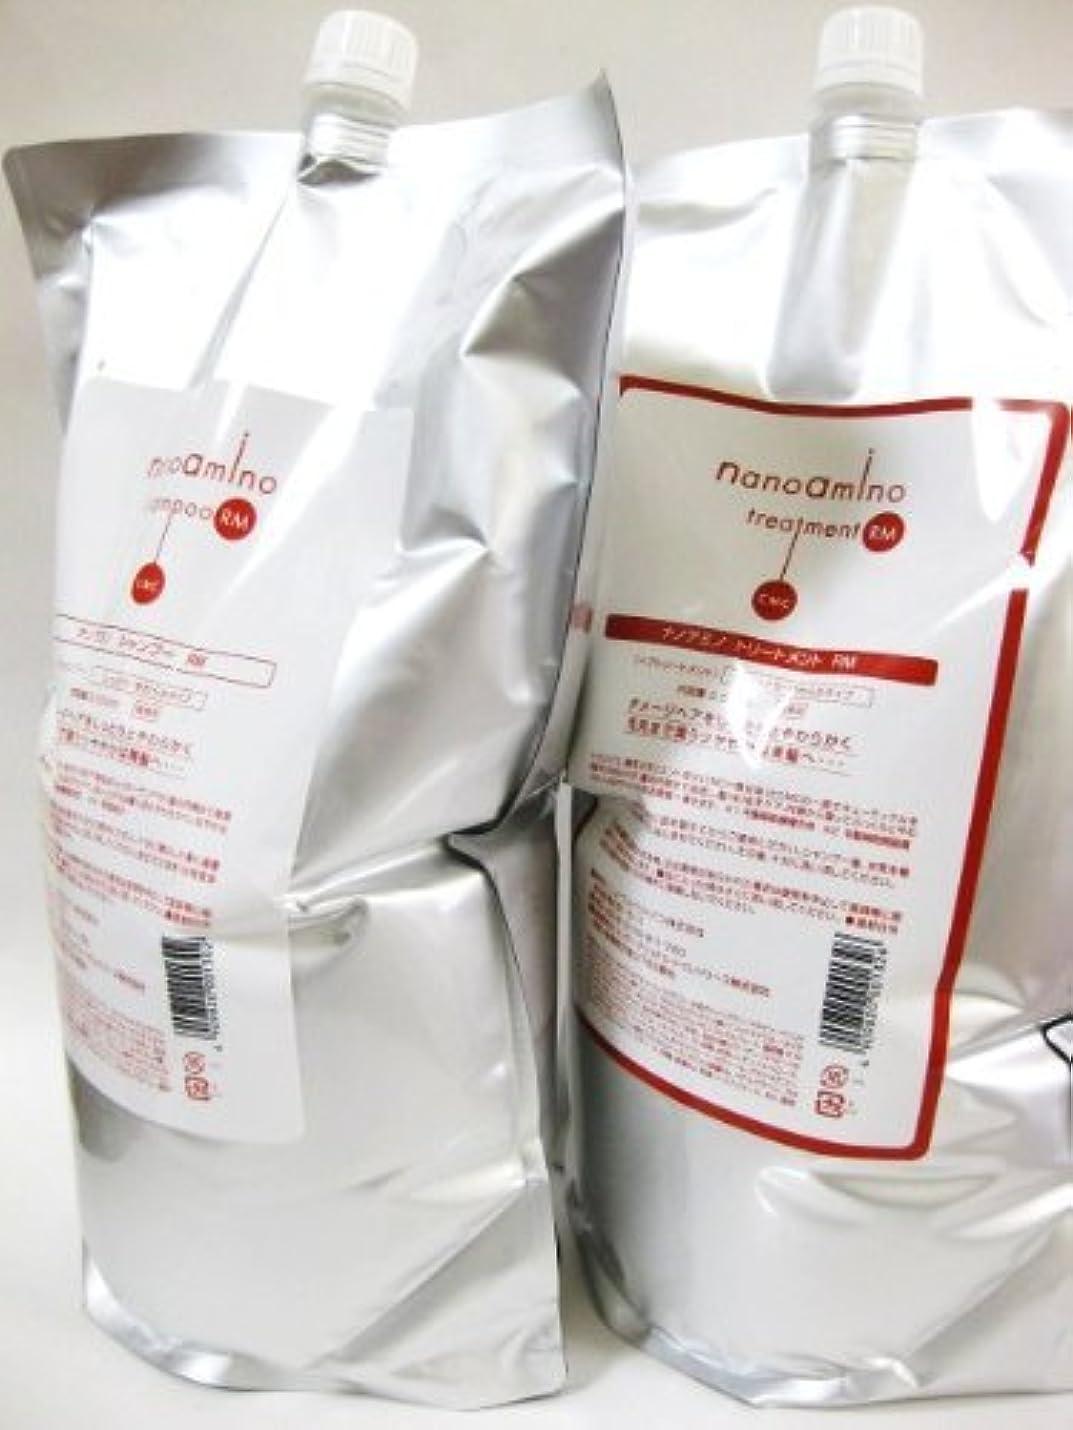 砂漠スポンサーベルベットニューウェイジャパン ナノアミノ RM 2500 詰替えタイプ 合わせて5キロ!![ビックサイズ]セット